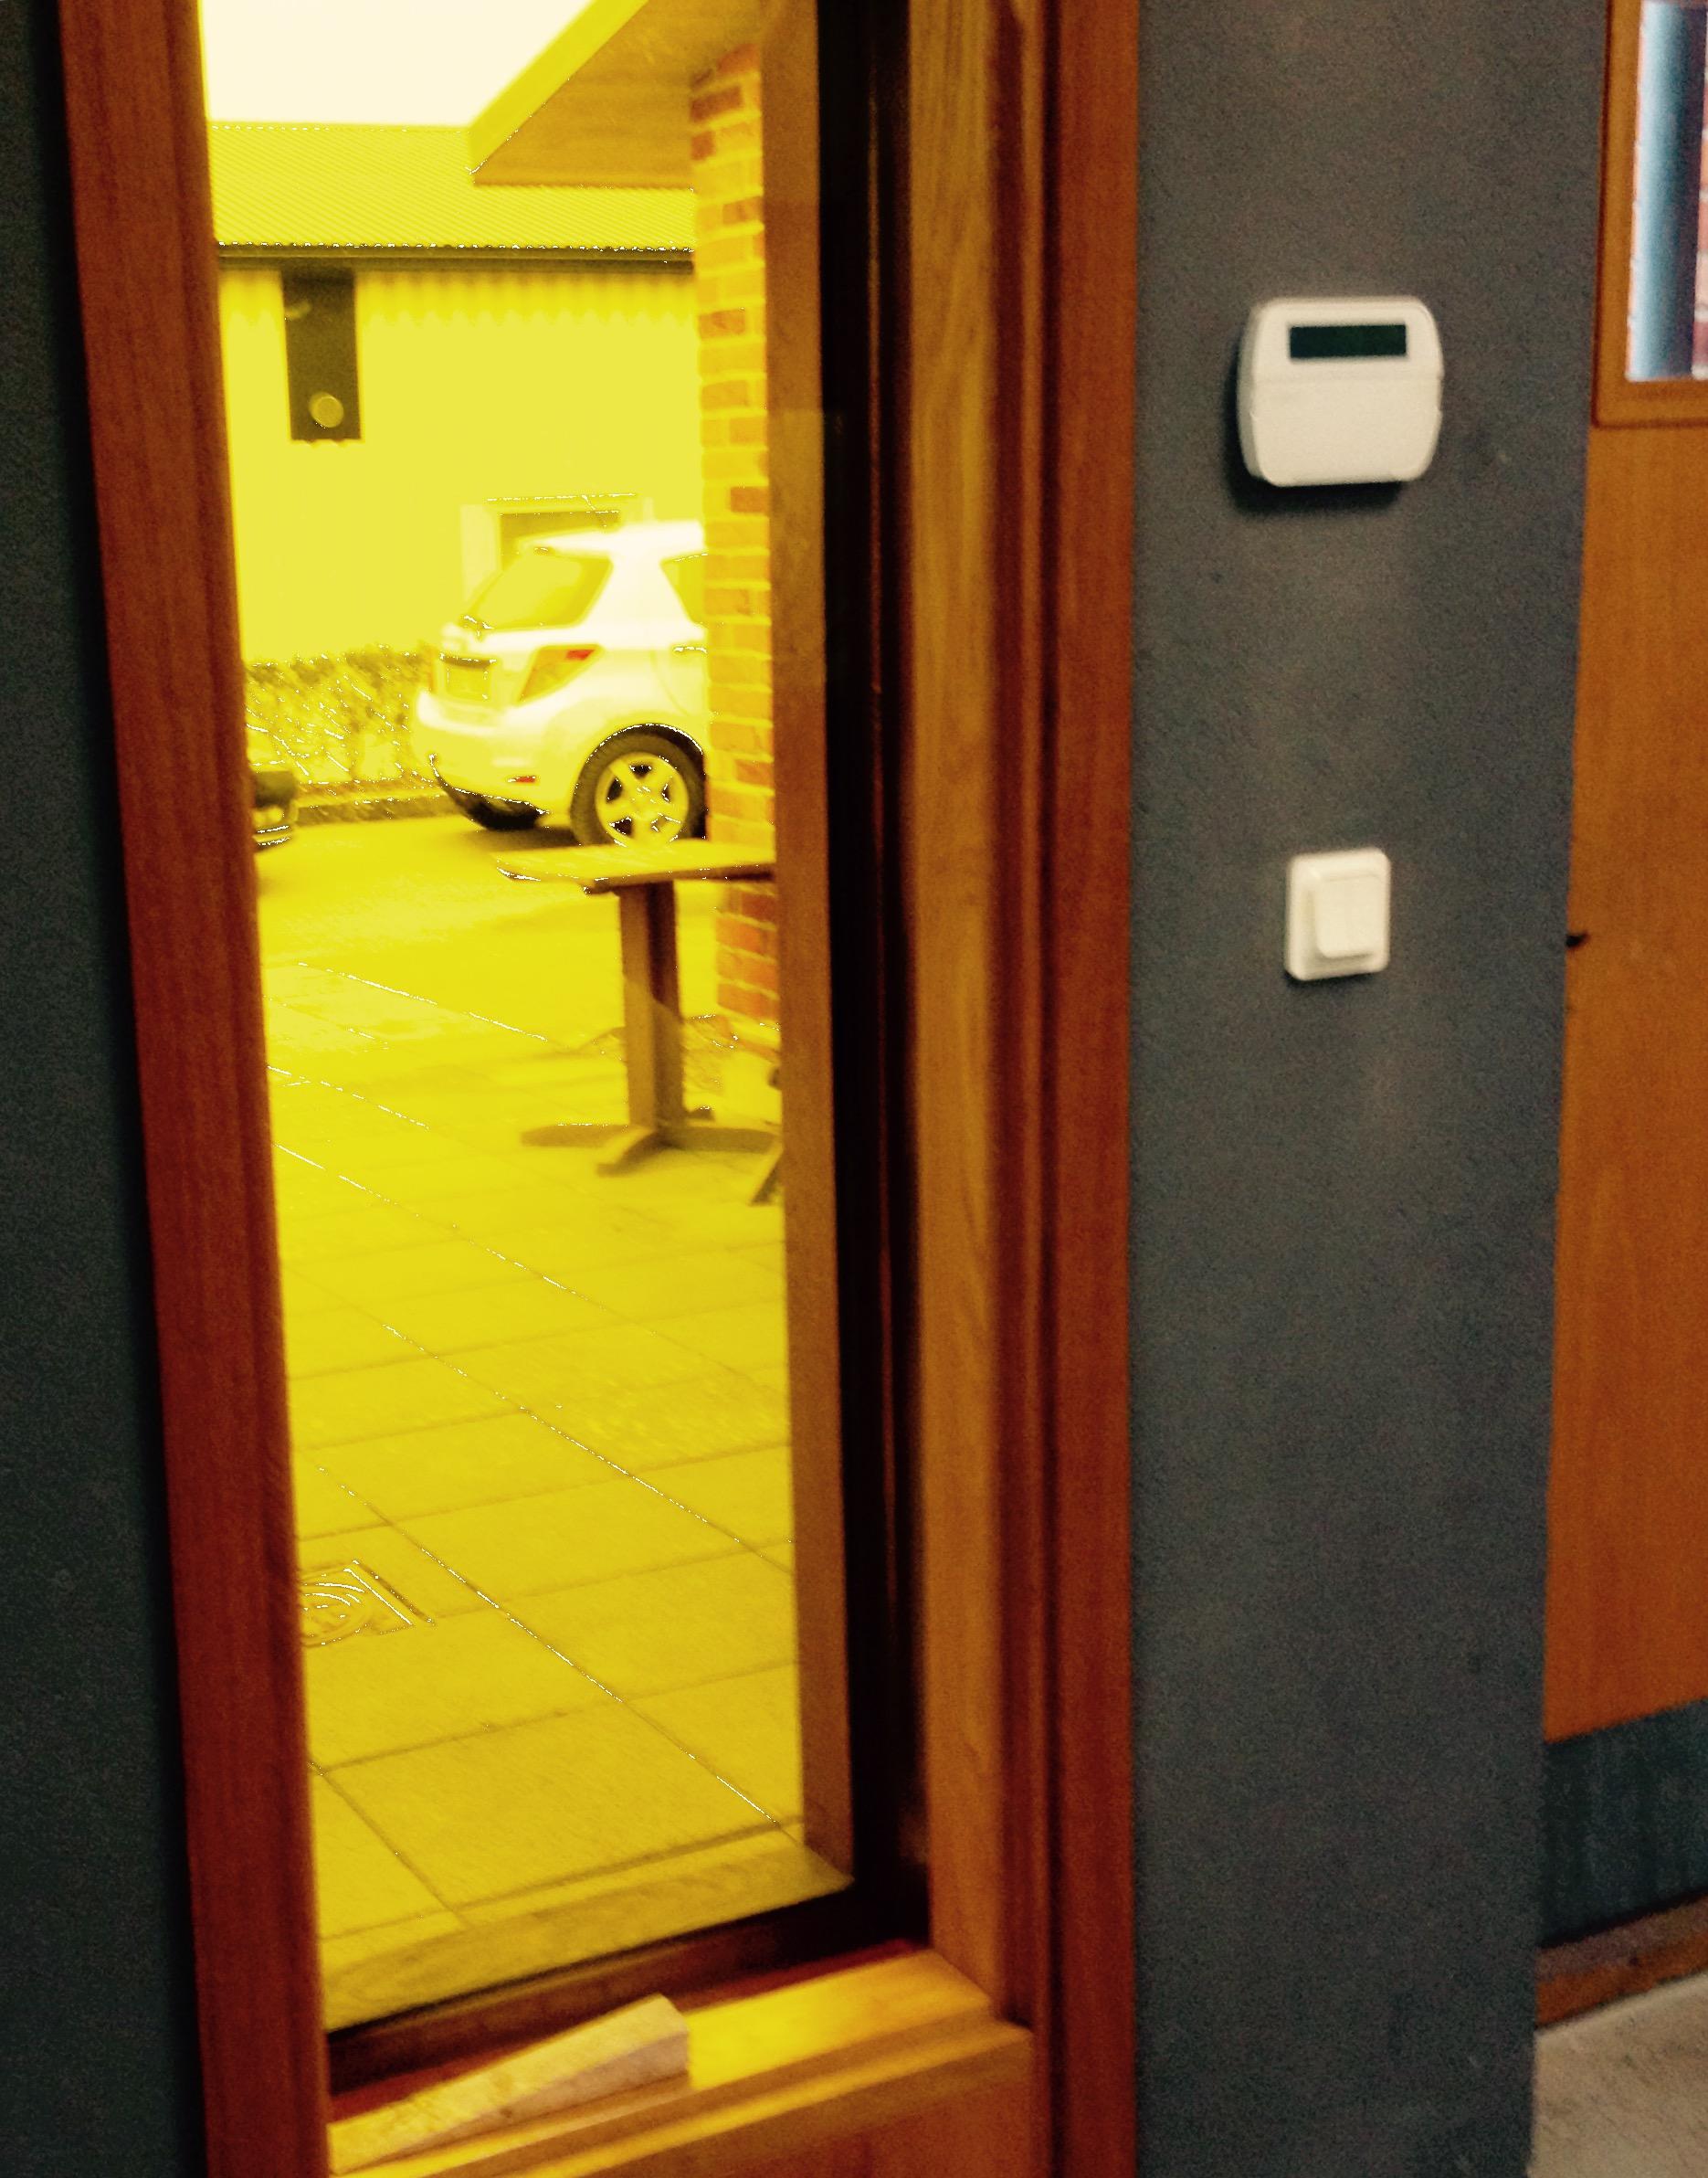 Mellan två-glasfönstreti entrén inrymmes linolja som är lika genomskinlig som glas.Linoljan emellan glaset behöver bytas med tiden eftersom oljan bleks avljus.